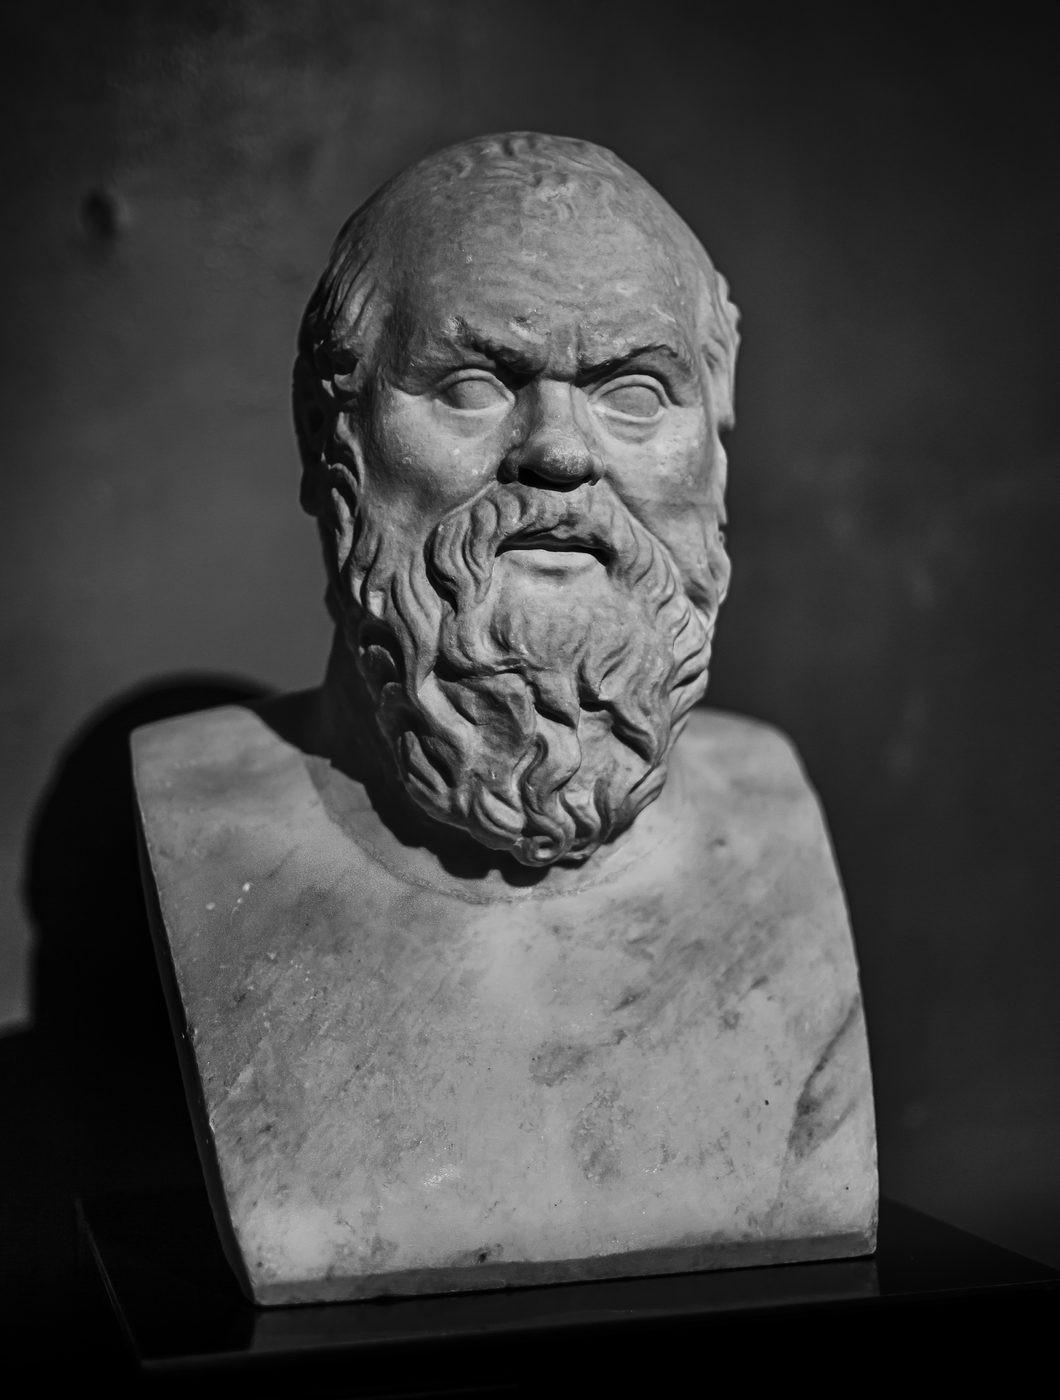 современному оборудованию фото мыслителей философии нас его